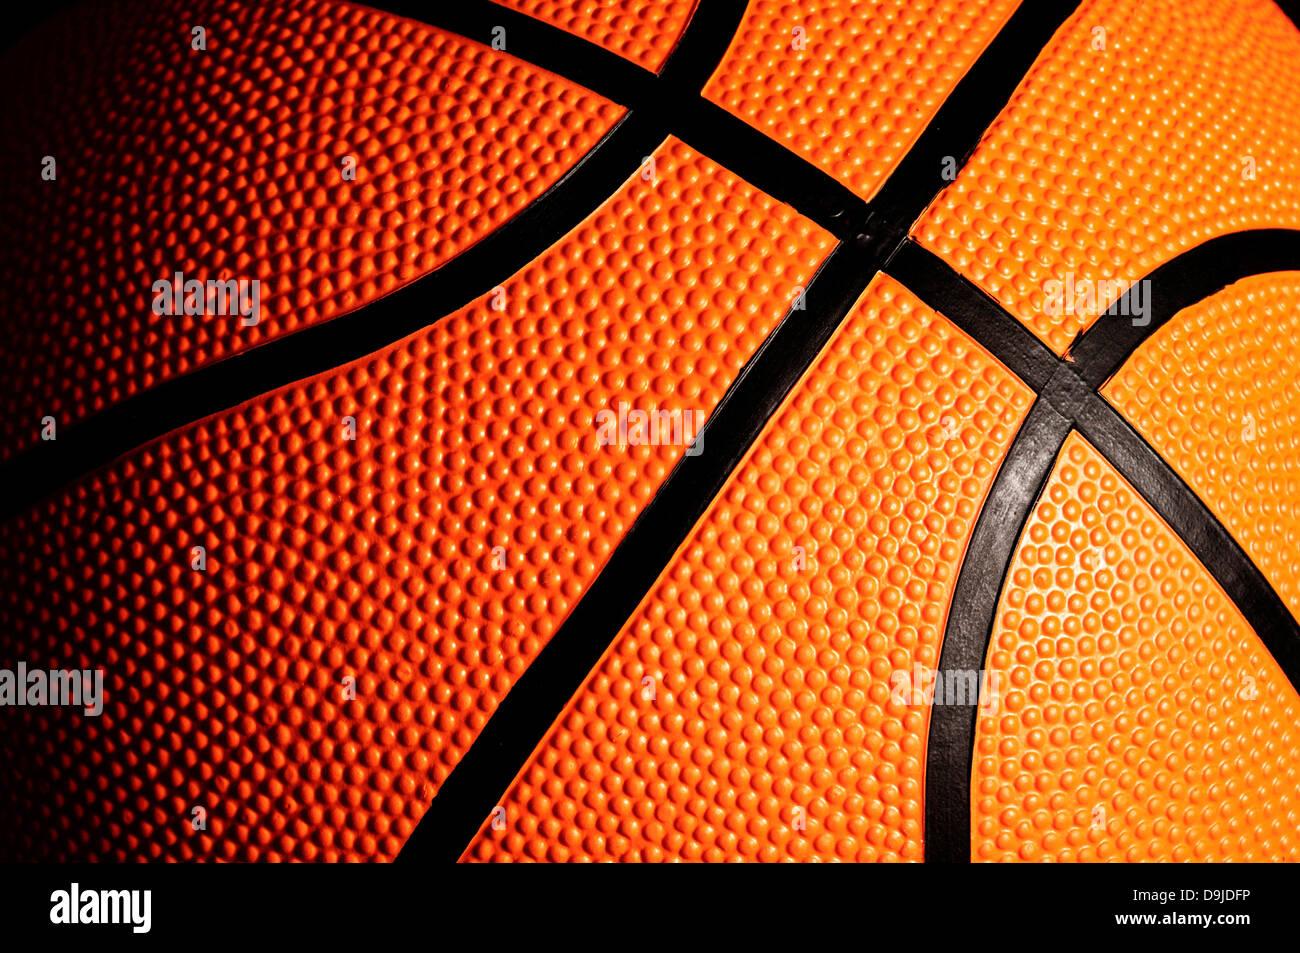 Dettaglio di una palla da basket Foto Stock